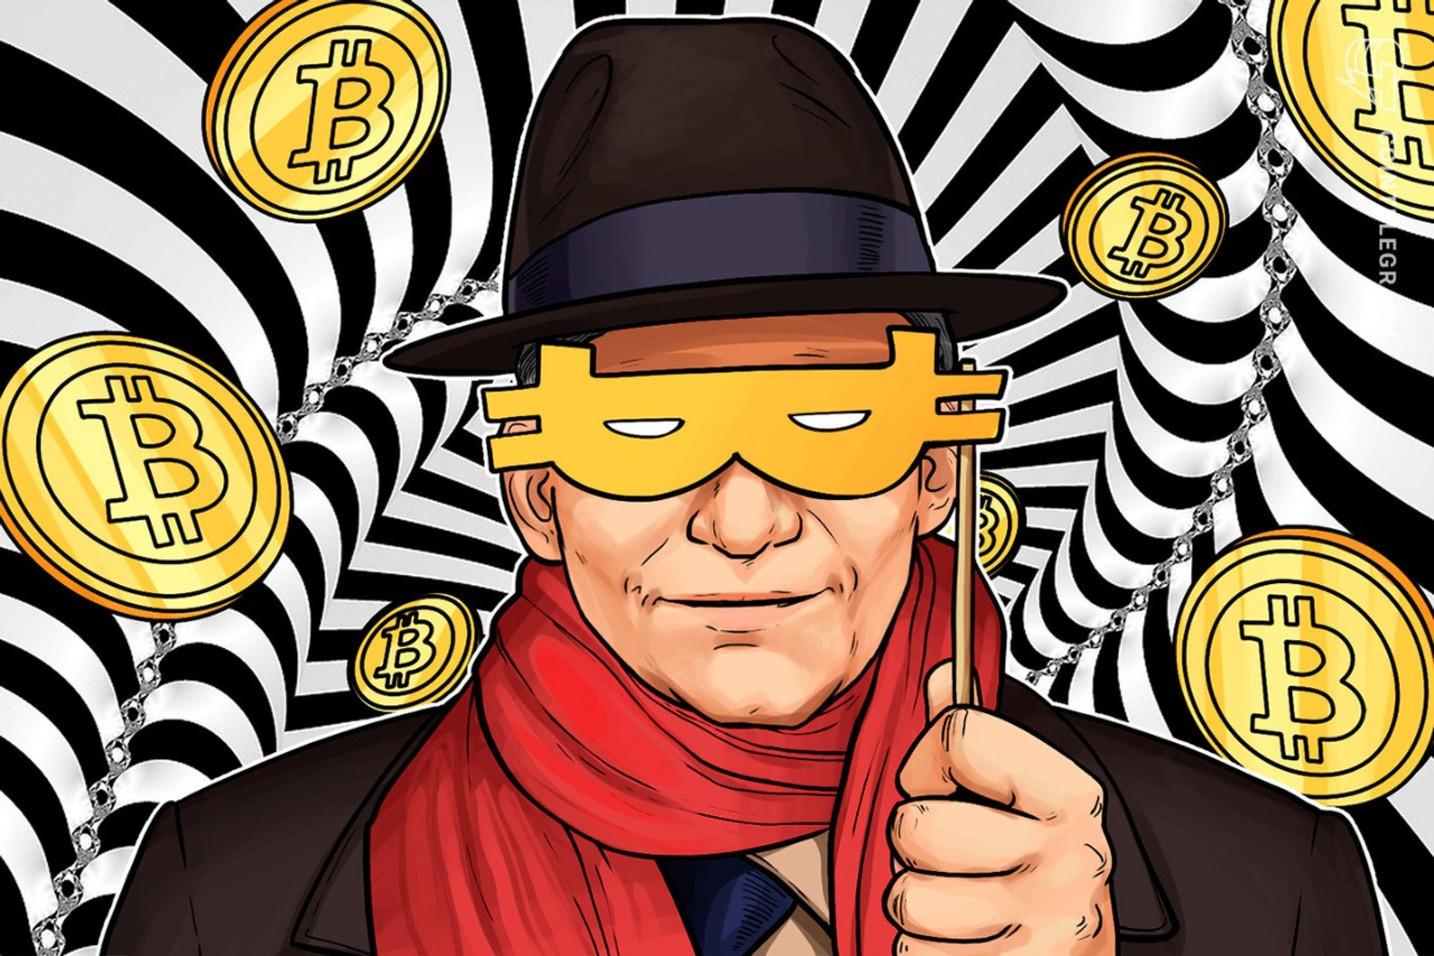 Exclusivo: Os primeiros dias do Bitcoin e os emails de Dustin D. Trammell e Satoshi Nakamoto, uma conversa inédita